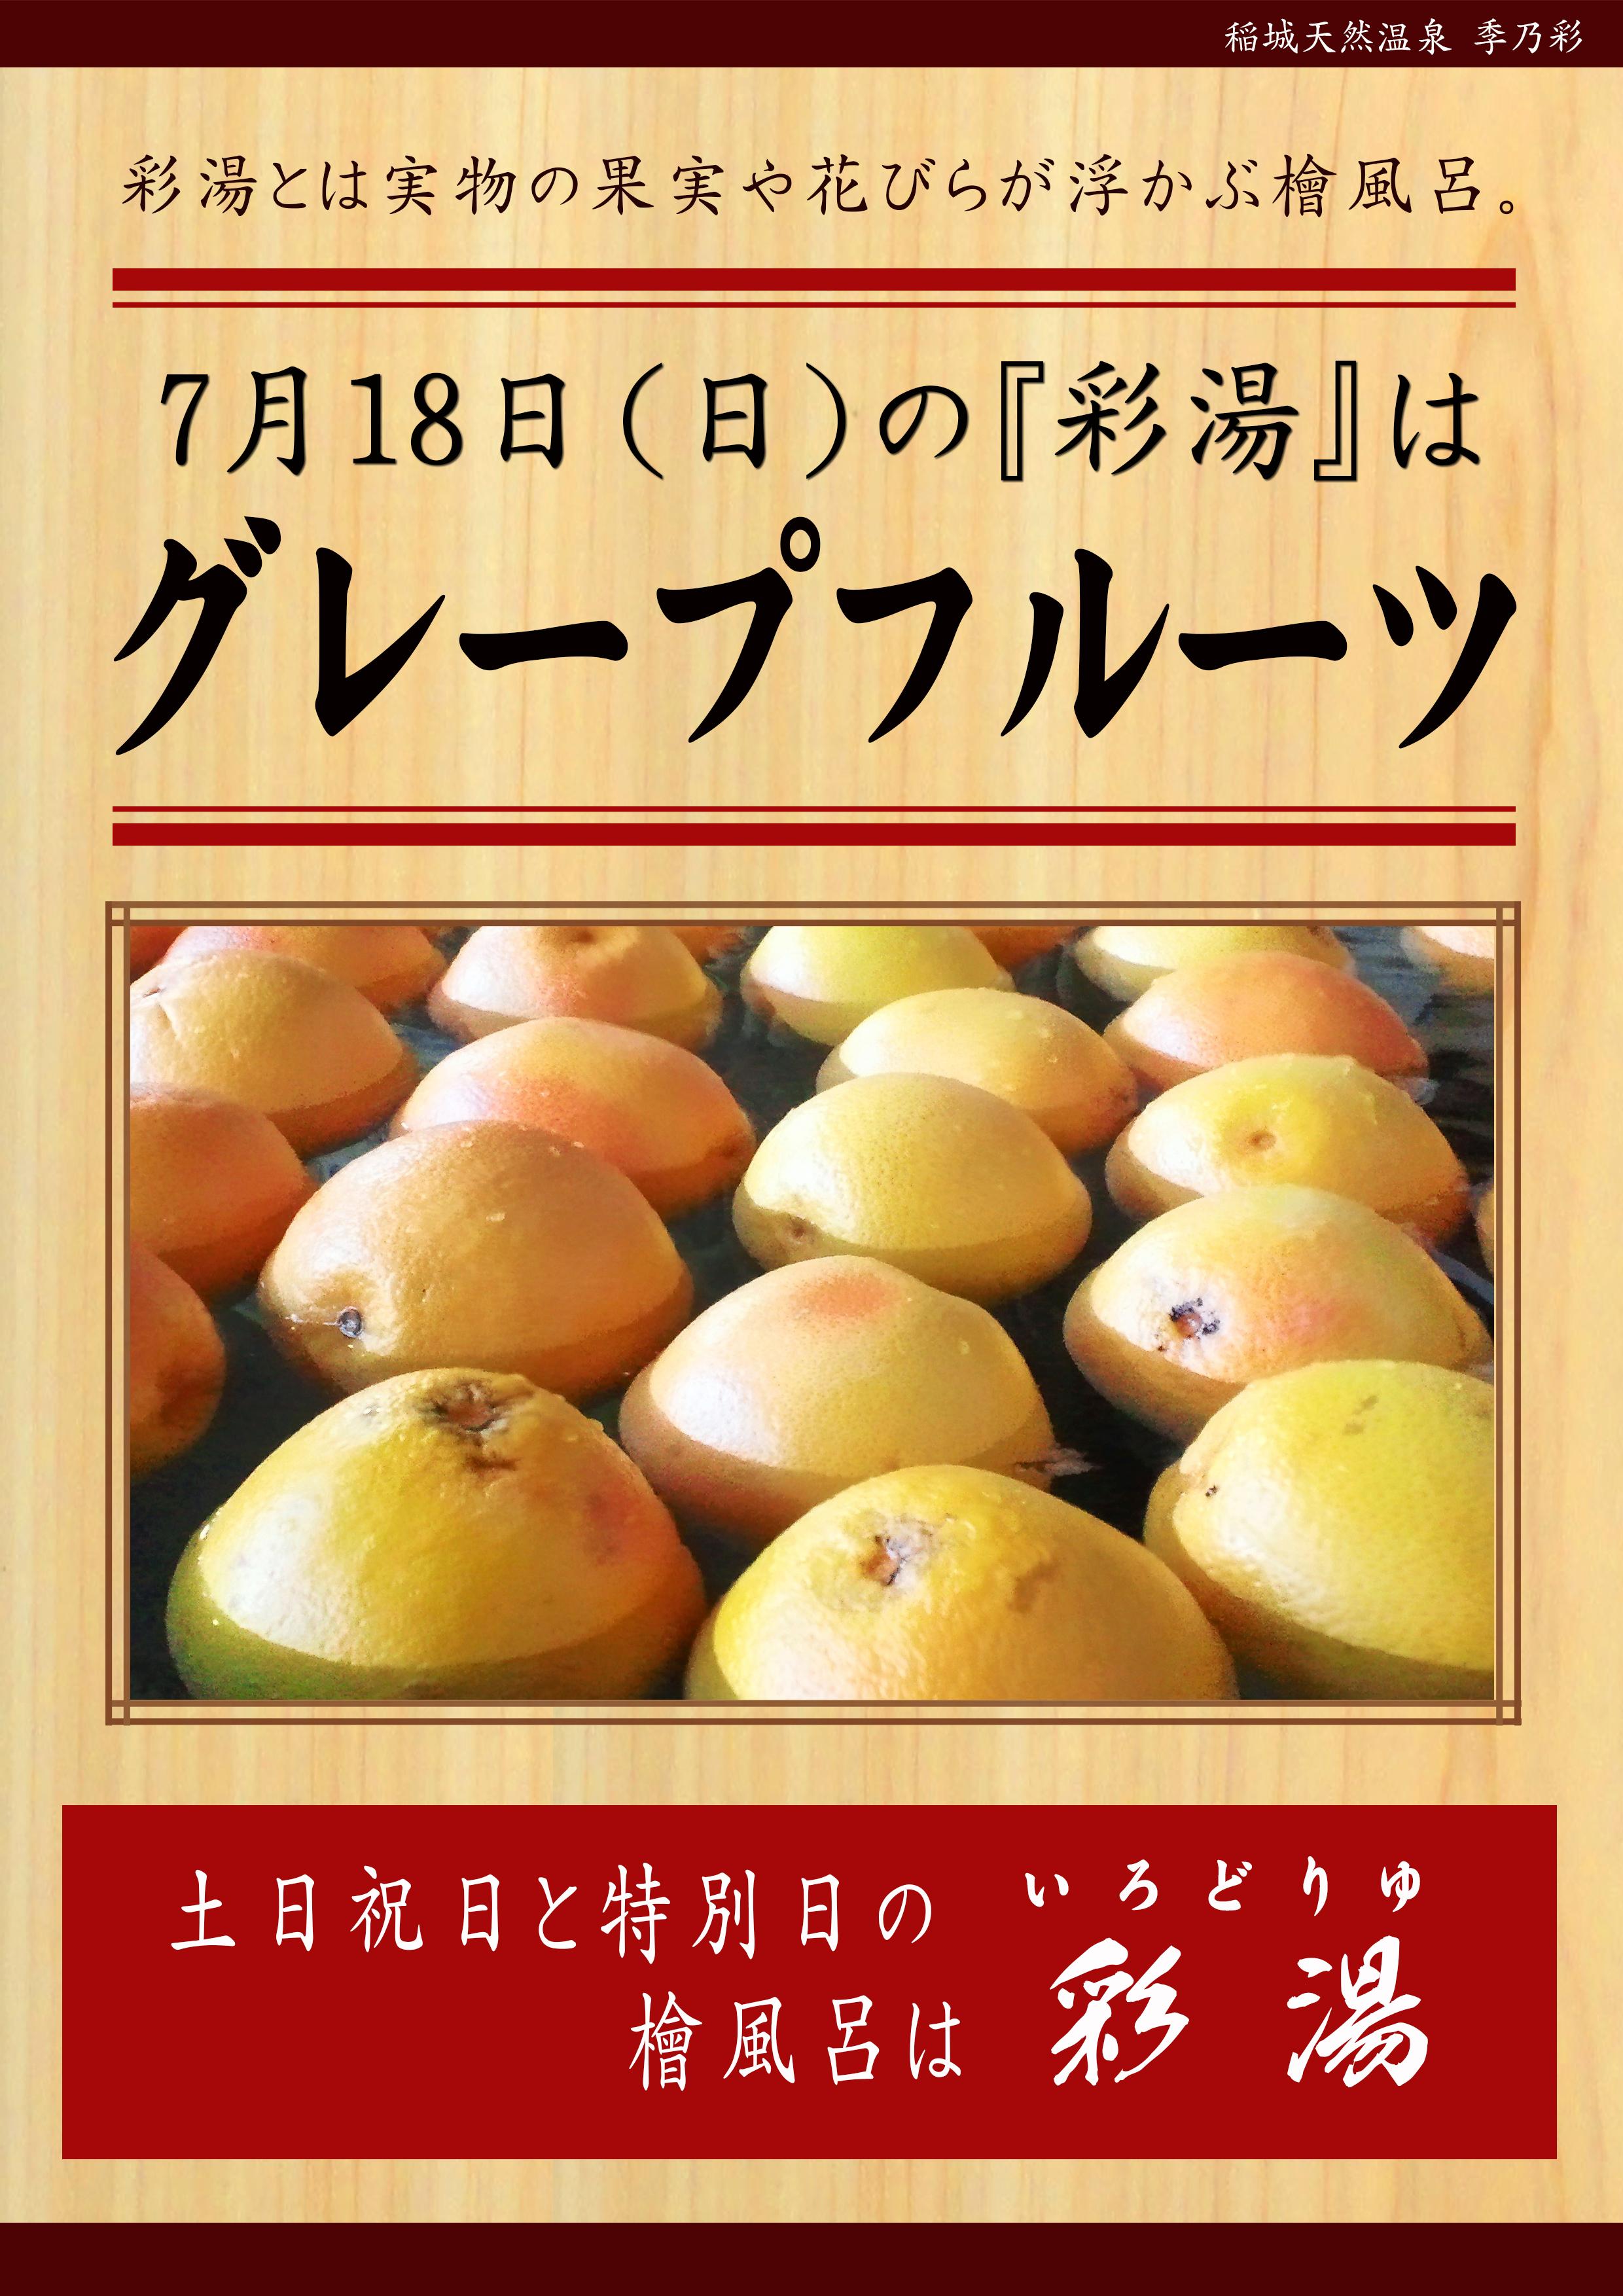 20210718 POP イベント 彩湯 グレープフルーツ